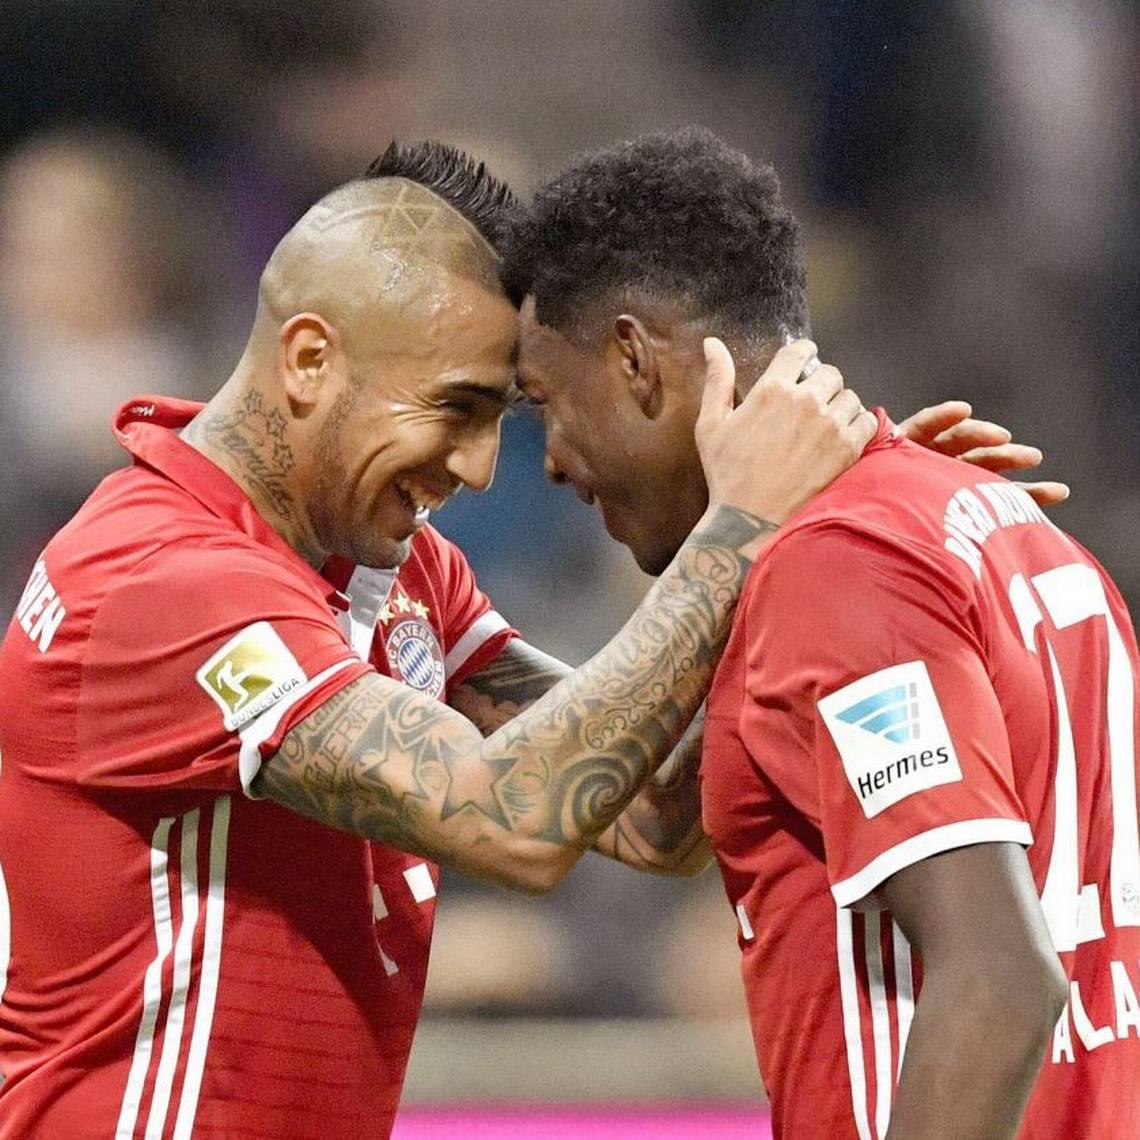 ¡Lo extrañan! Compañeros del Bayern encuentran al doble chino de Vidal